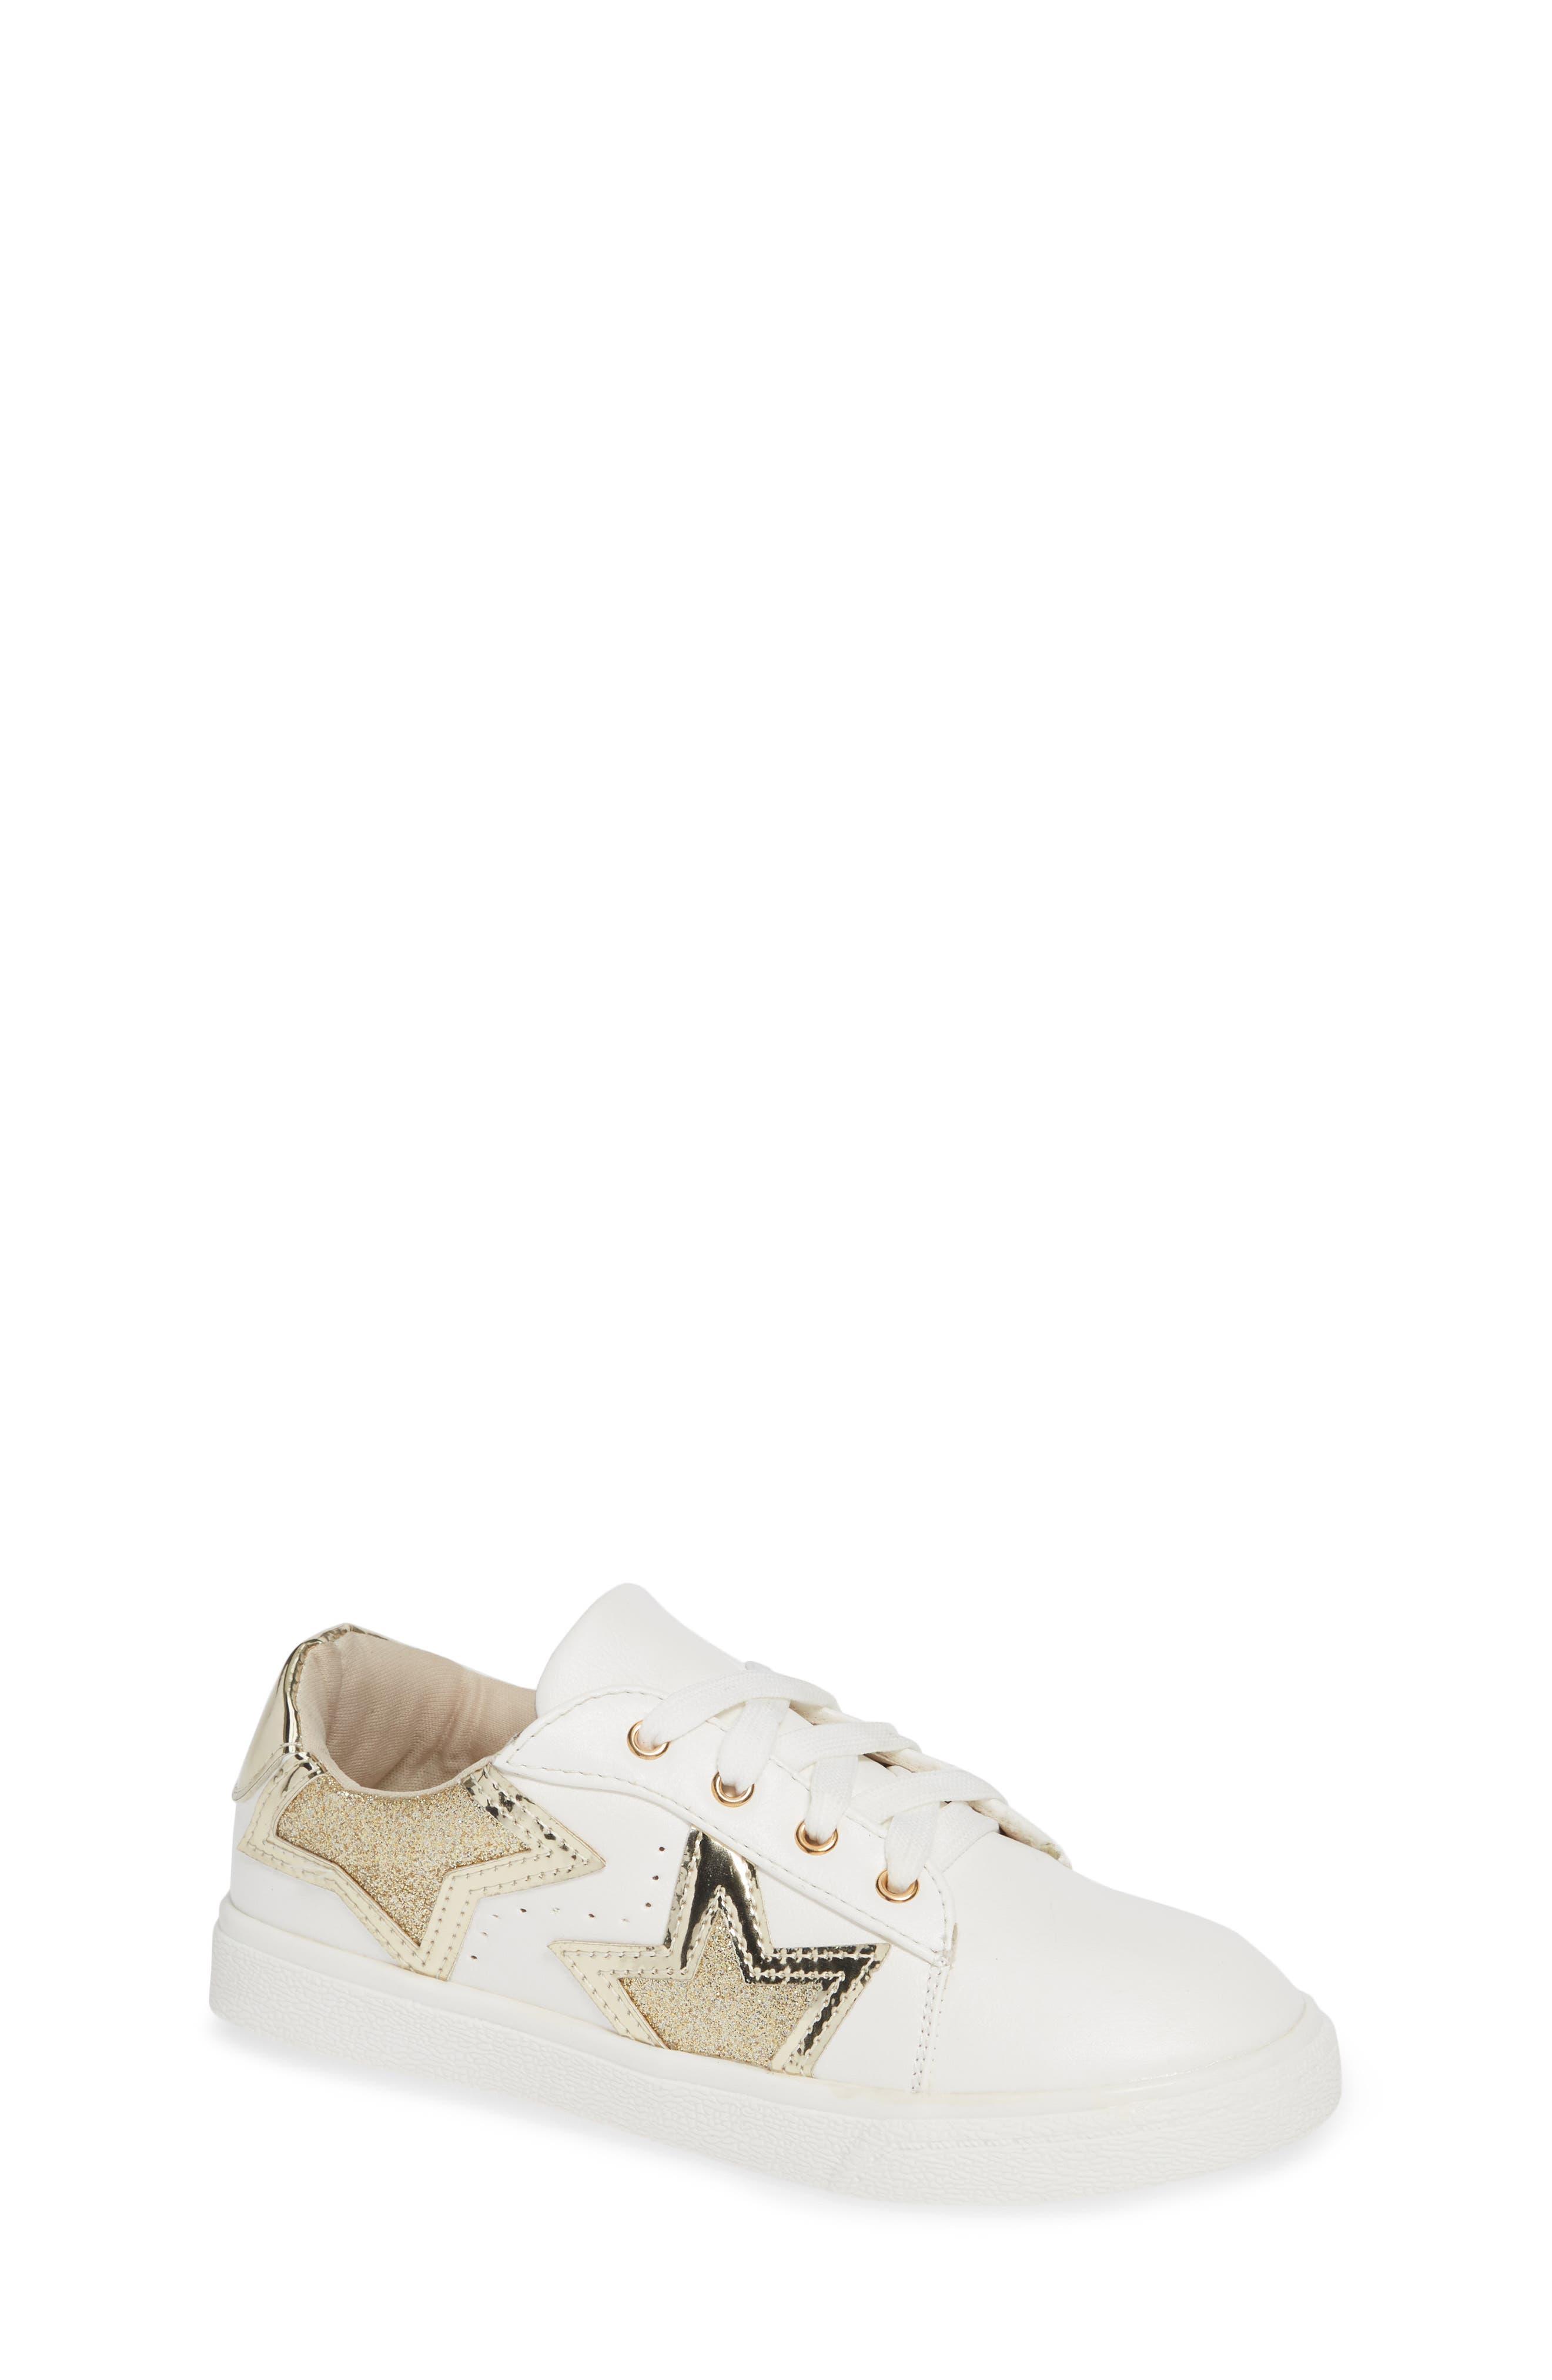 Girls Yosi Samra Miss Harper Applique Glitter Sneaker